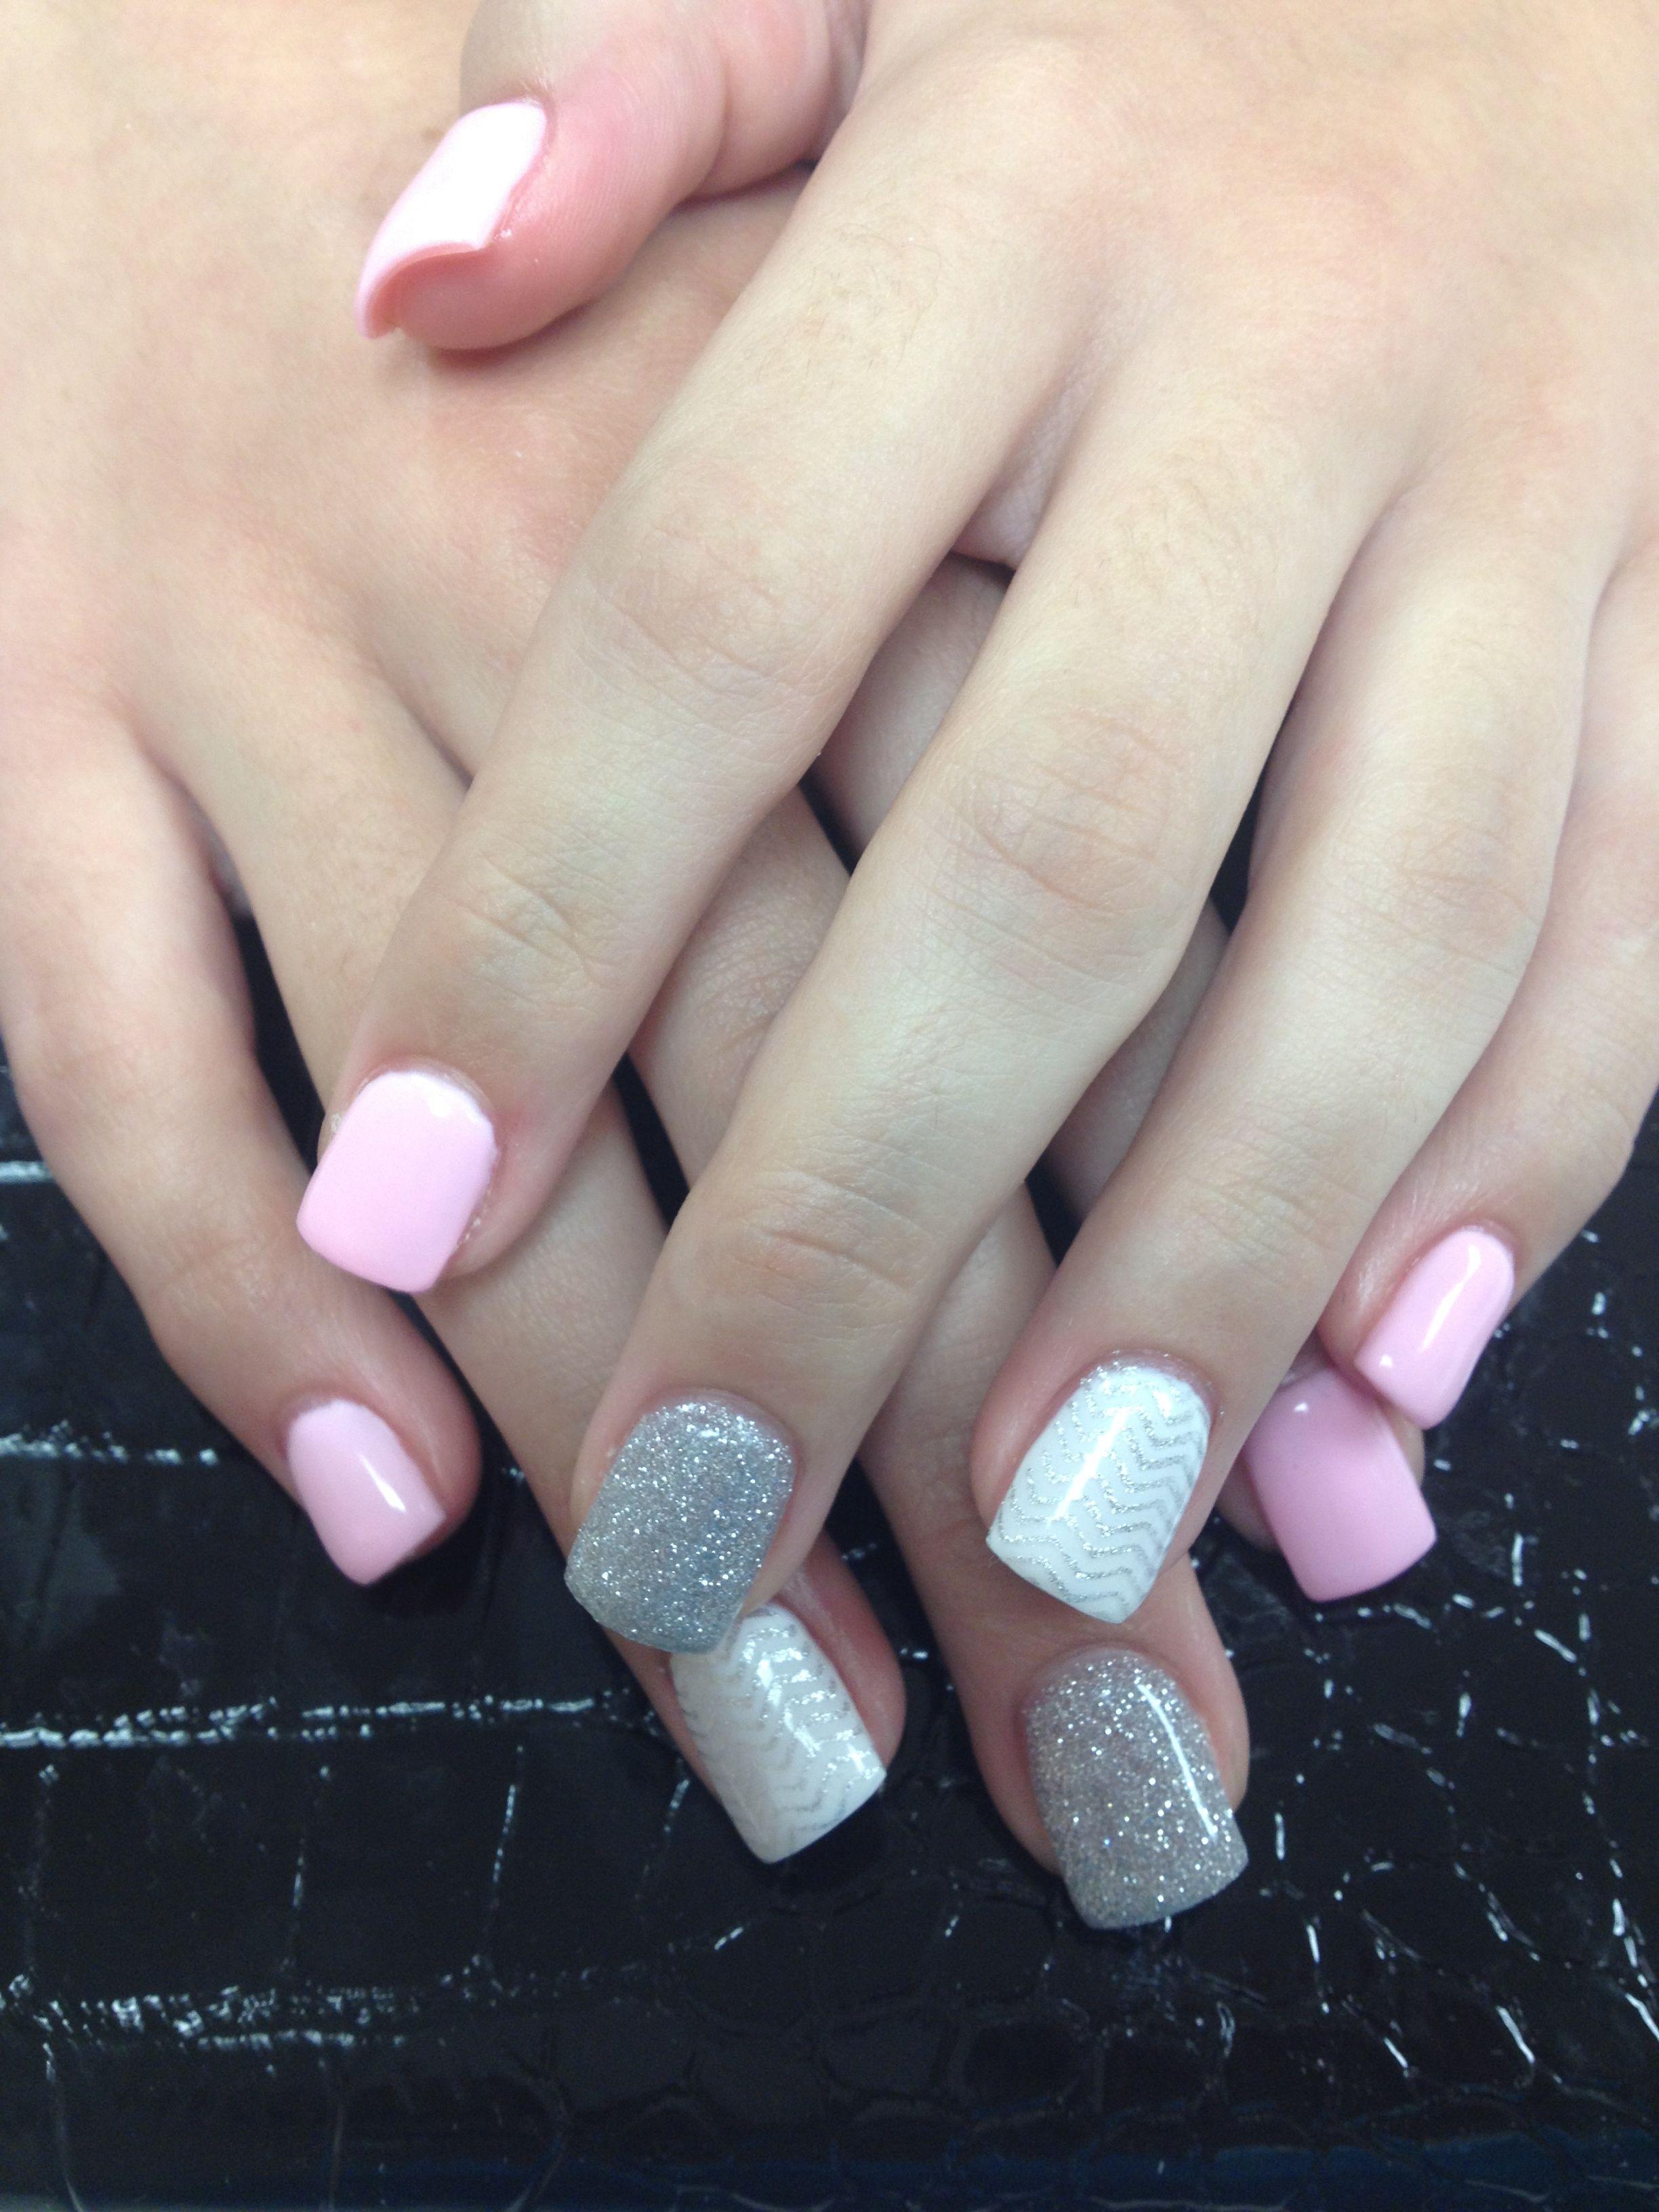 Nails full color gel   nails   Pinterest